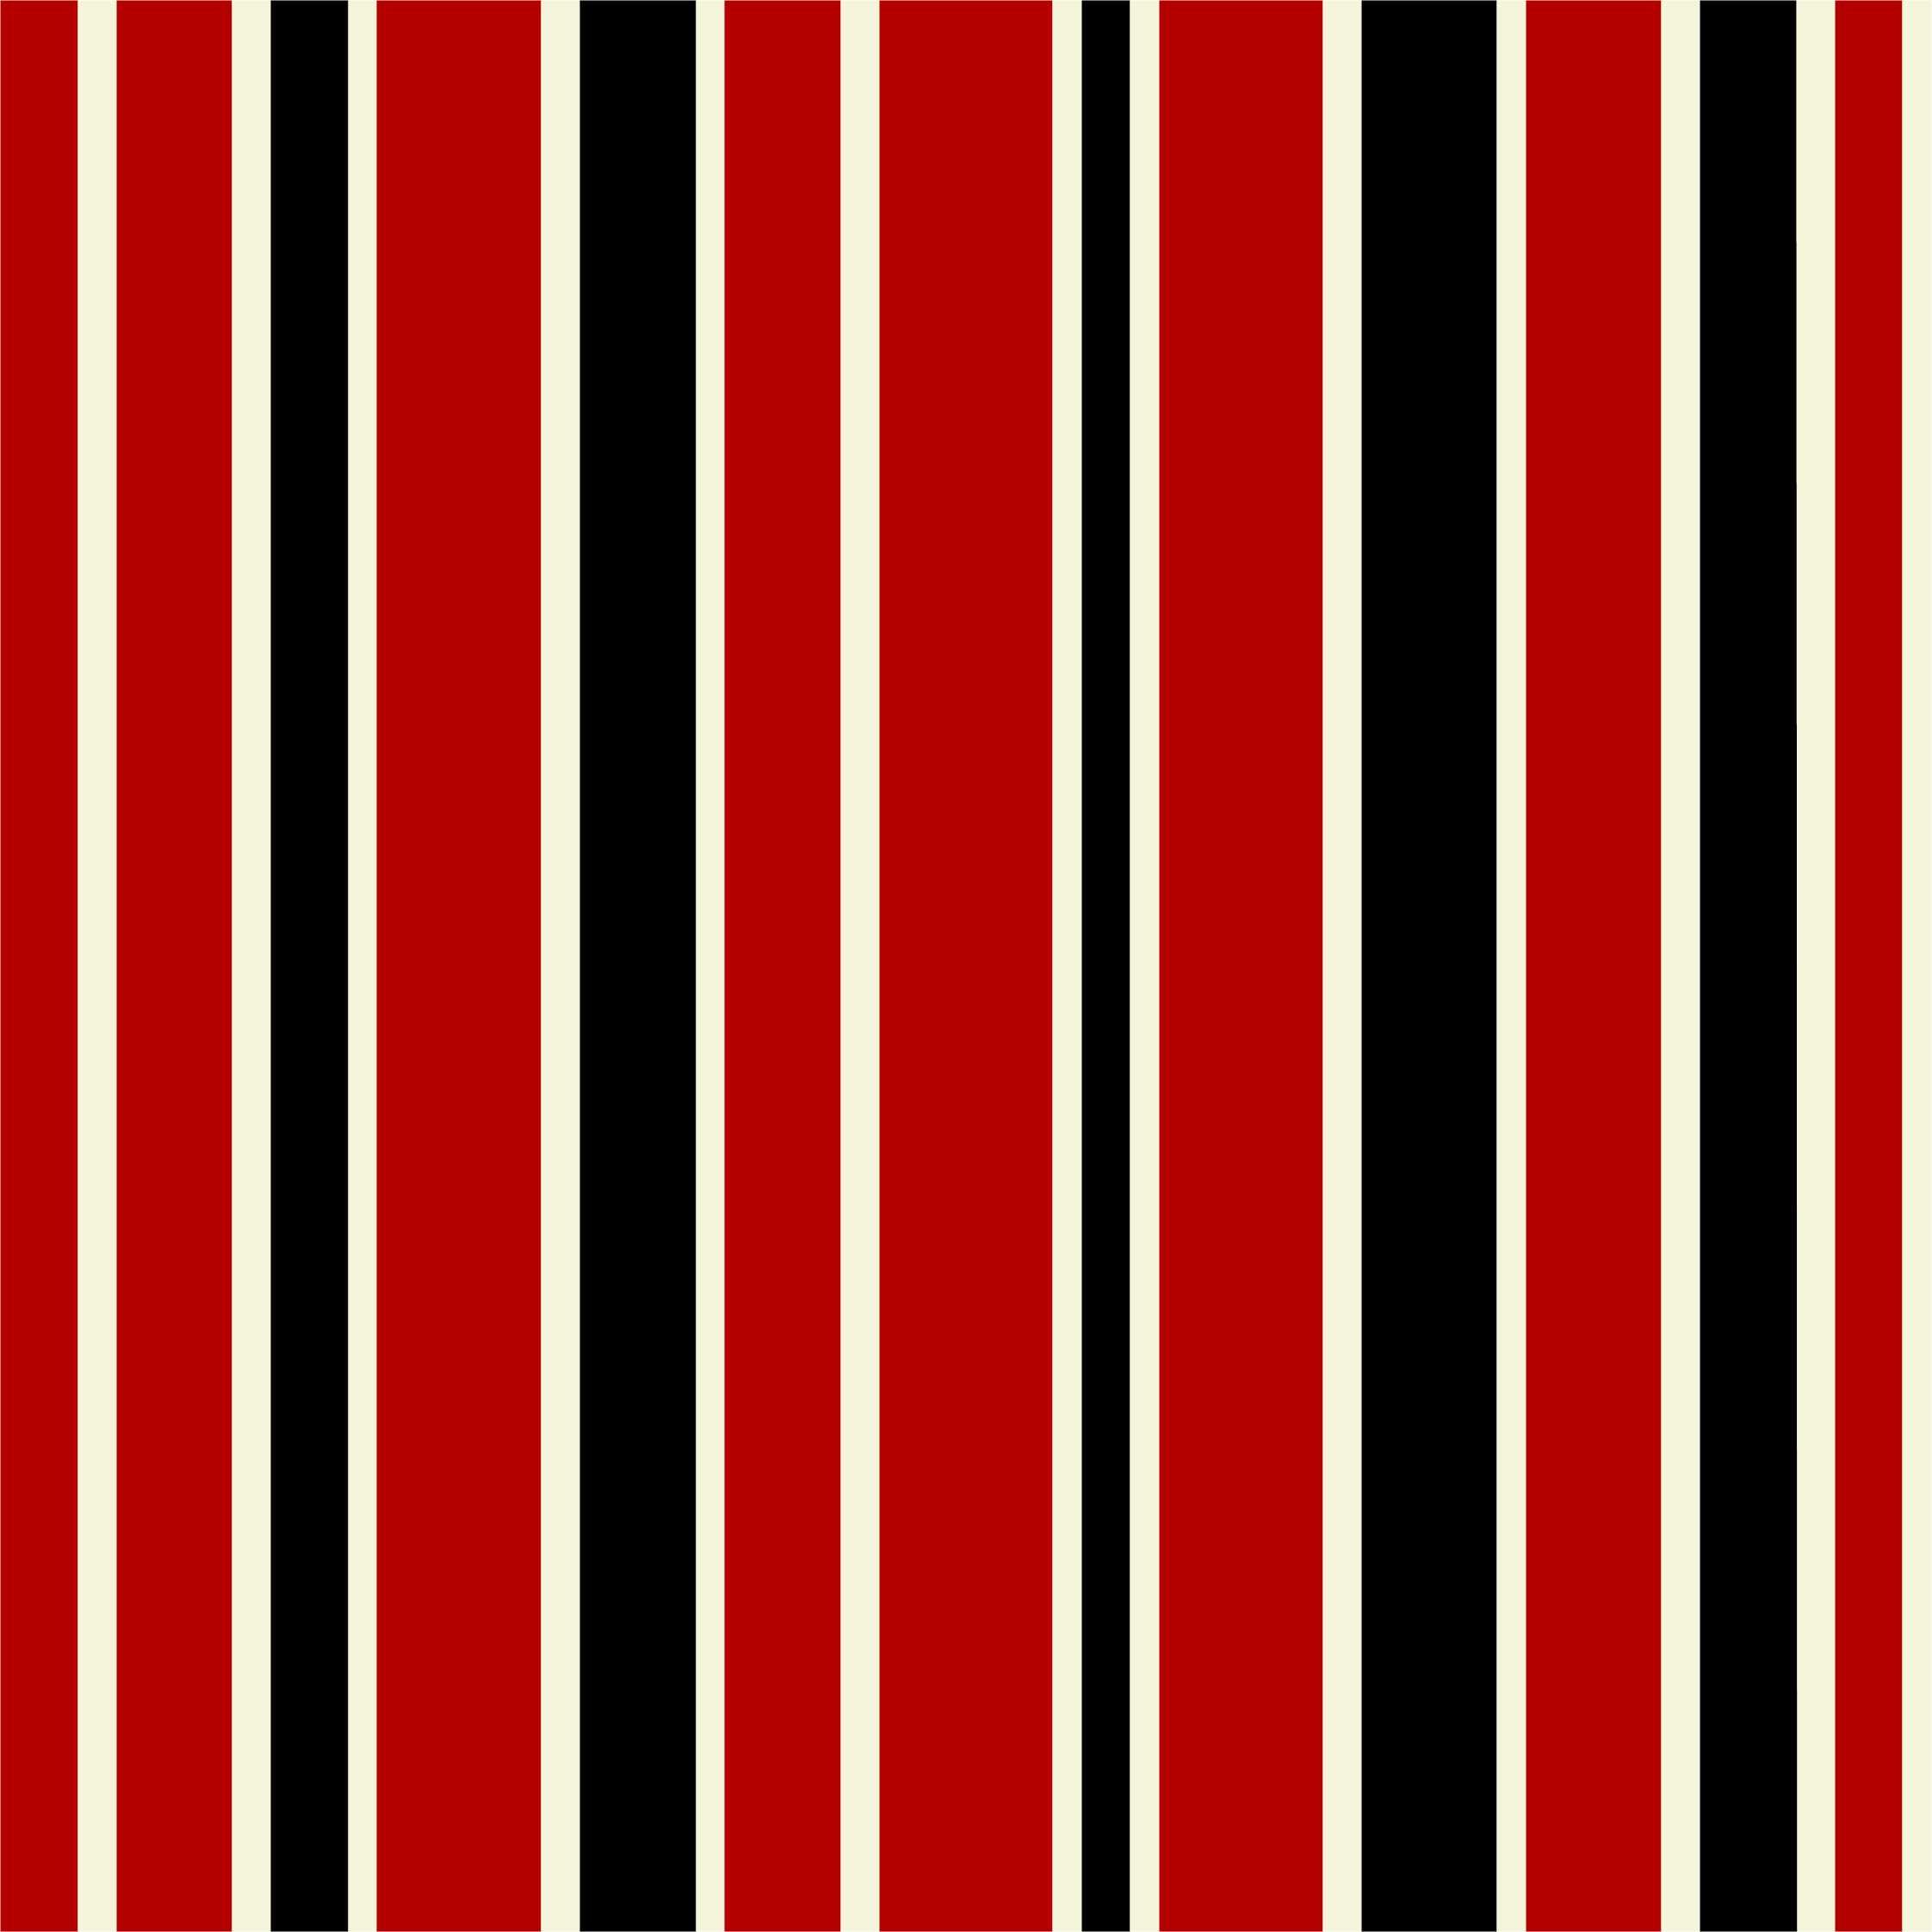 Wand rot streichen wand streichen ideen f r farbige for Ka che rot streichen